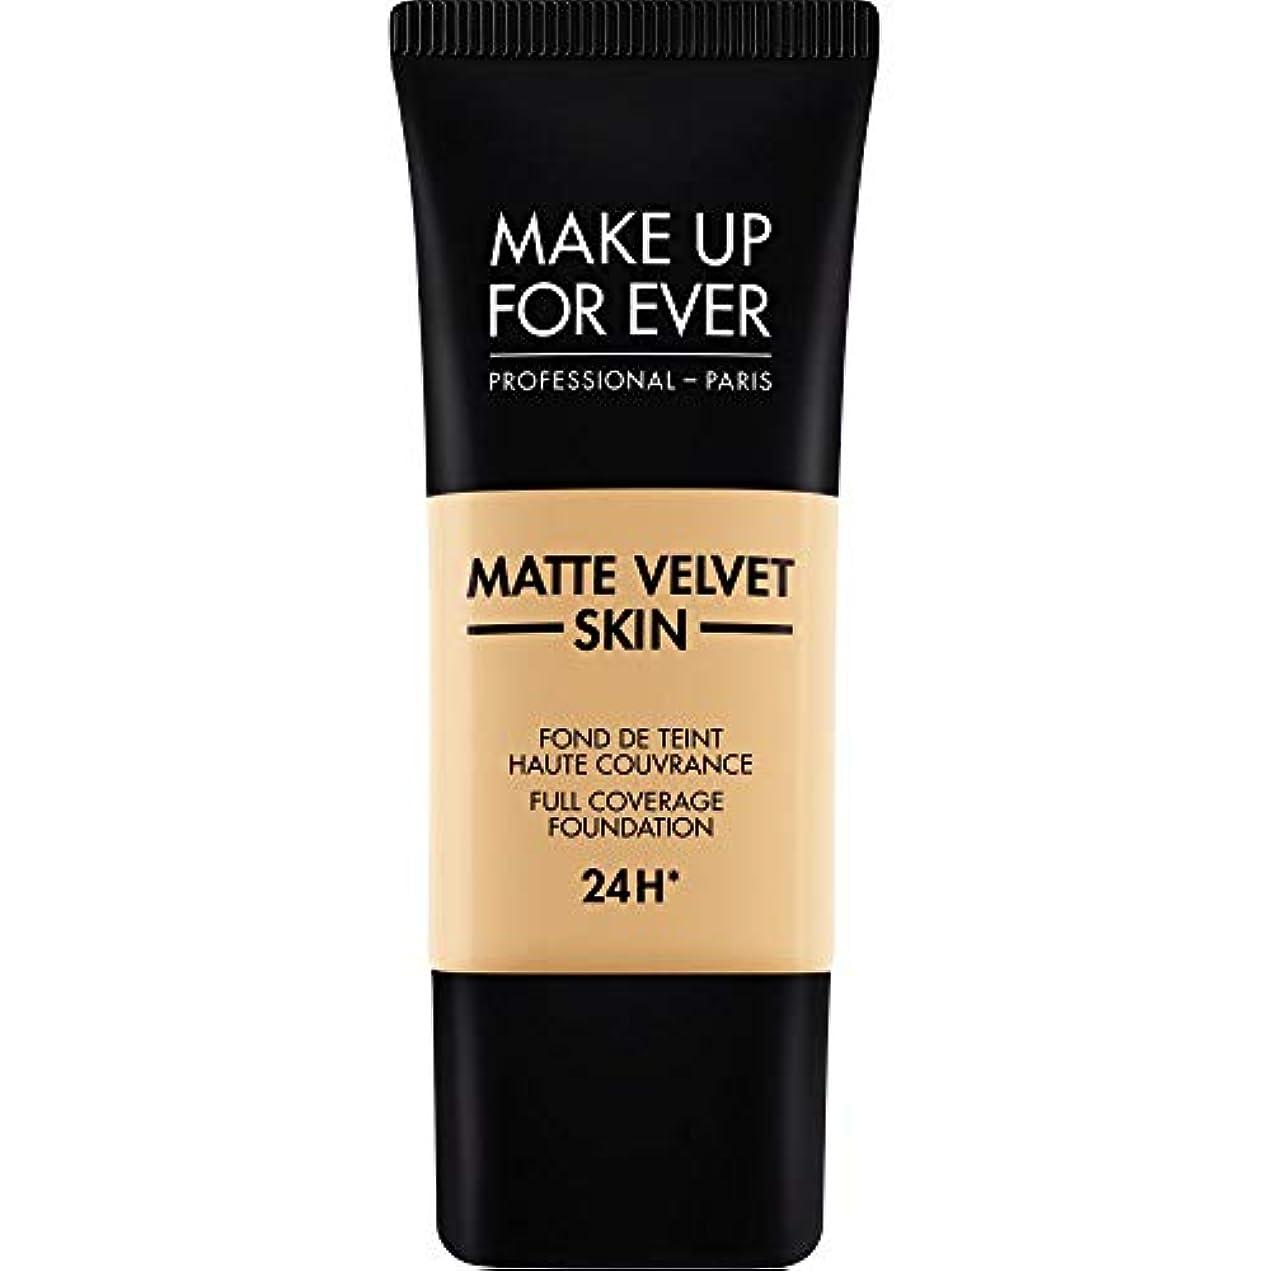 カウントアップ目的鳩[MAKE UP FOR EVER ] これまでマットベルベットの皮膚のフルカバレッジ基礎30ミリリットルのY255を補う - サンドベージュ - MAKE UP FOR EVER Matte Velvet Skin Full...